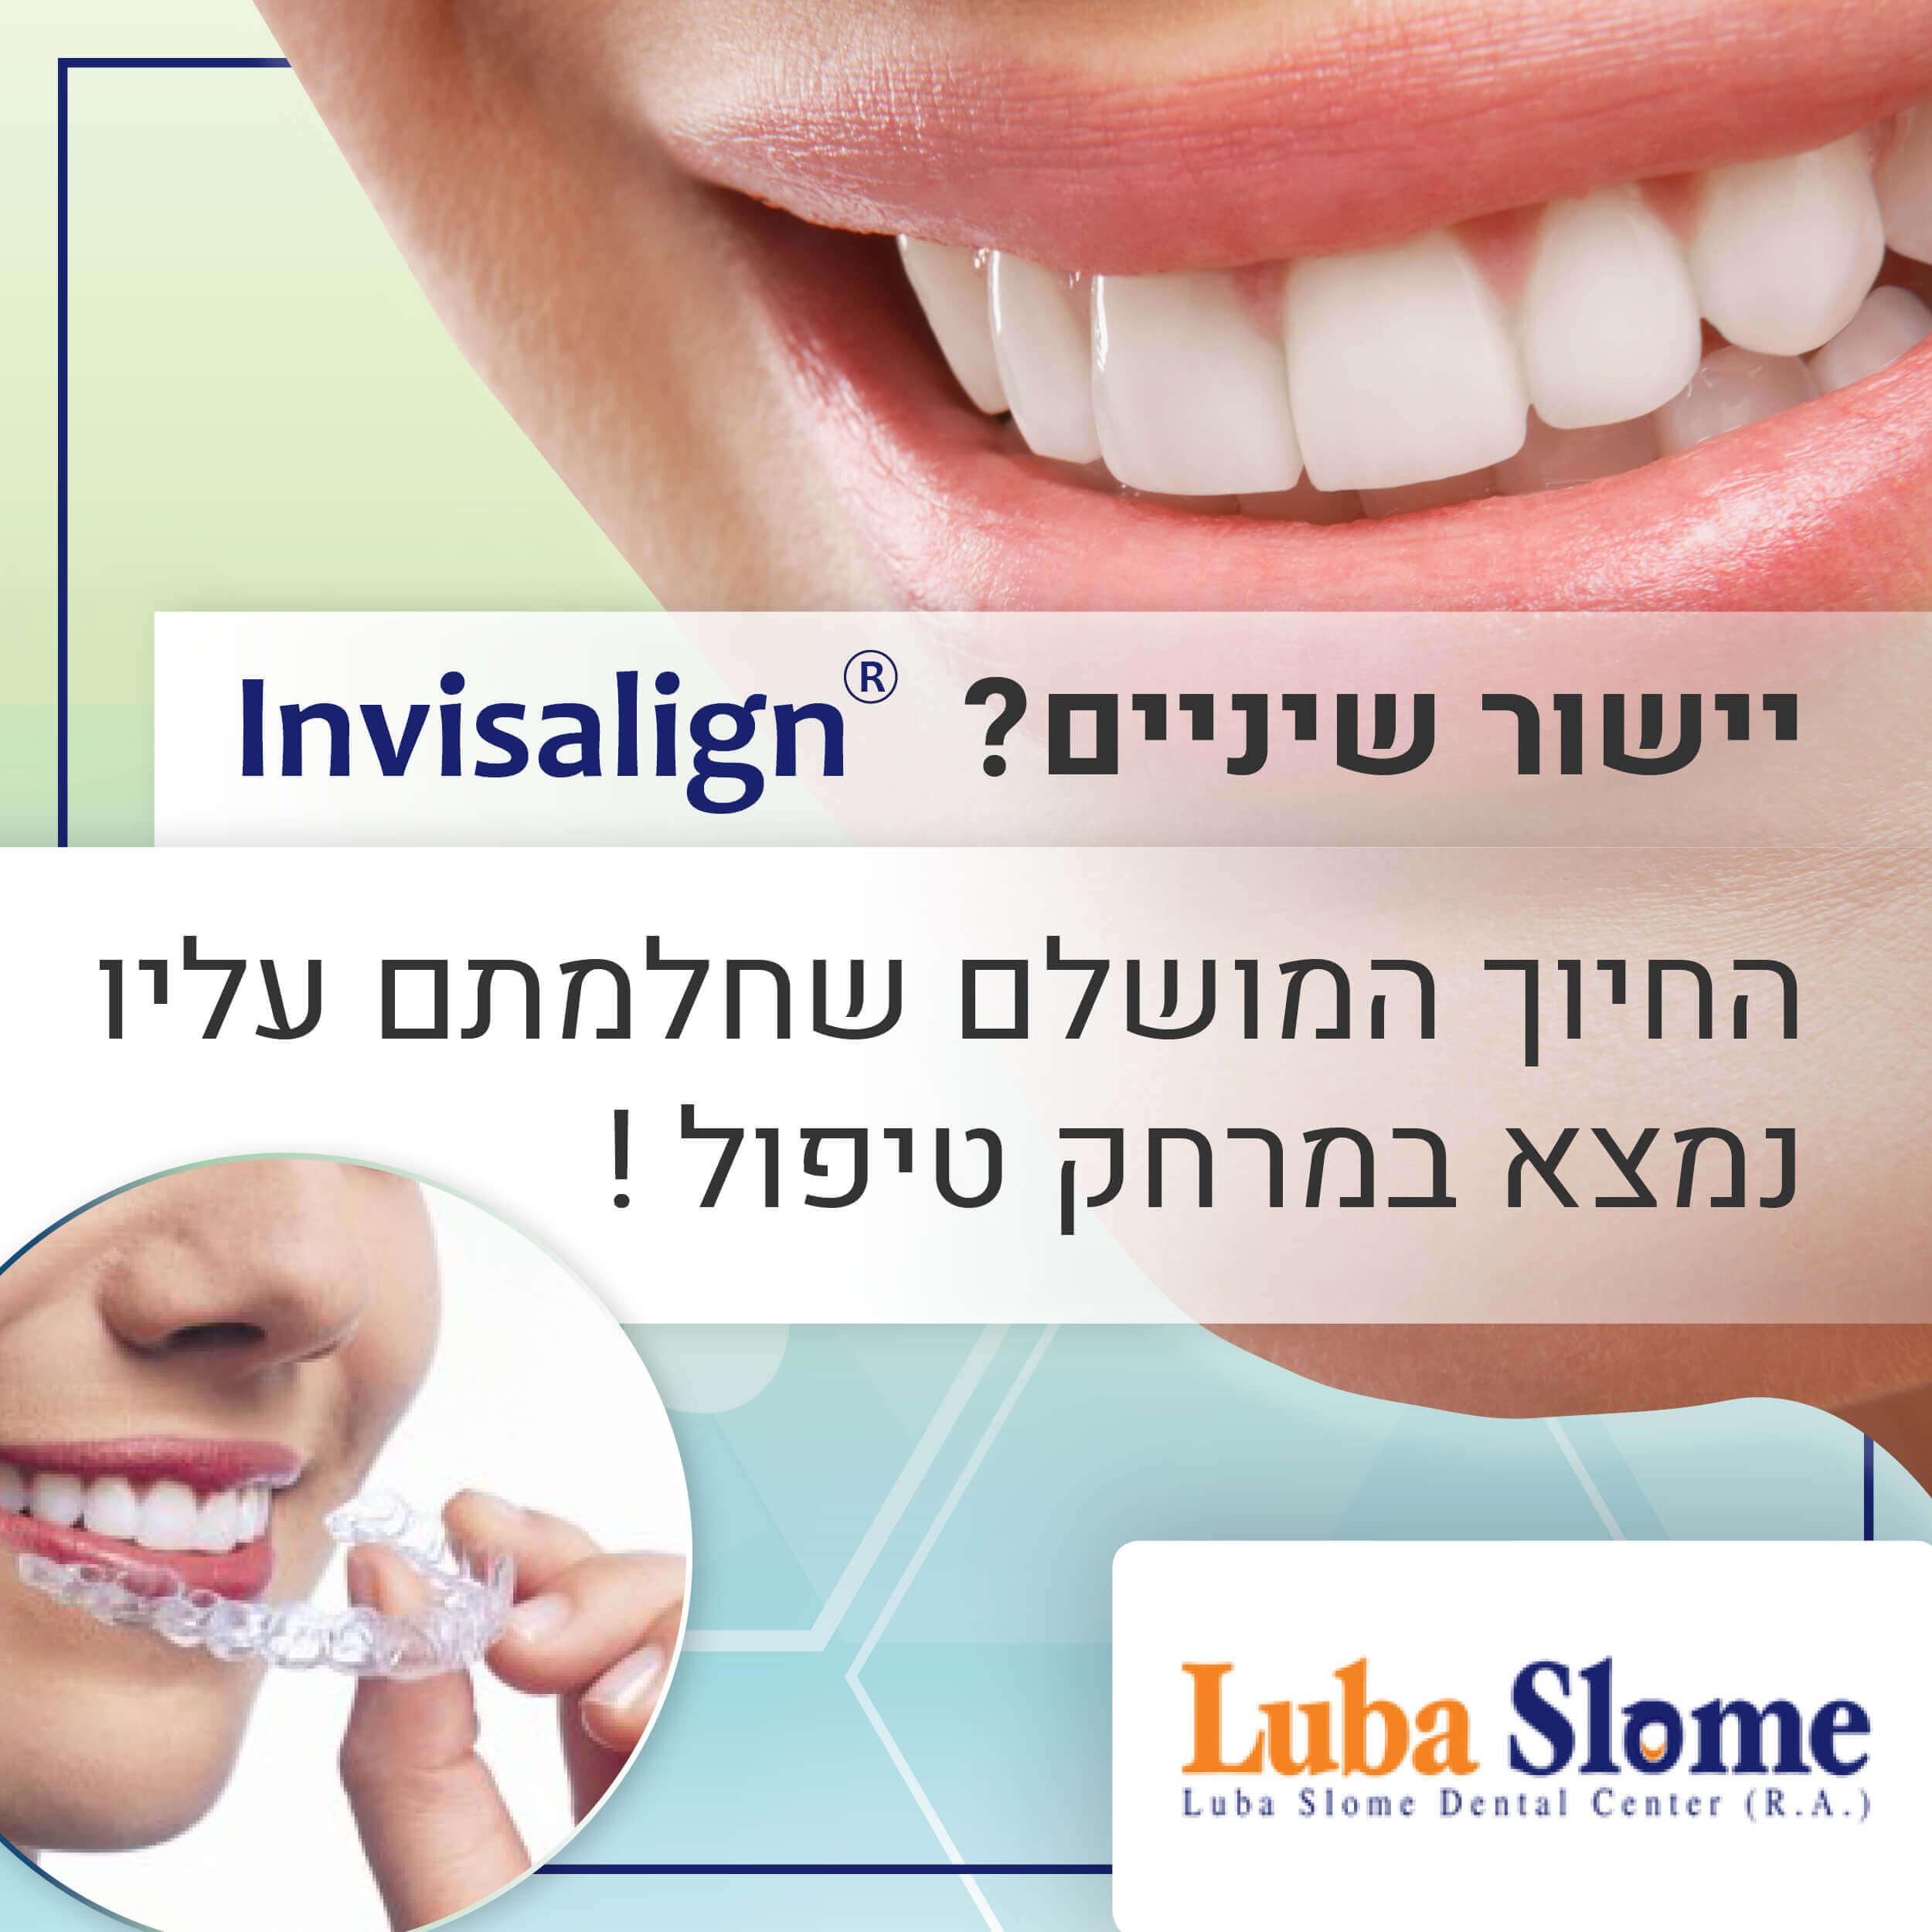 מרפאת שיניים לובה סלום